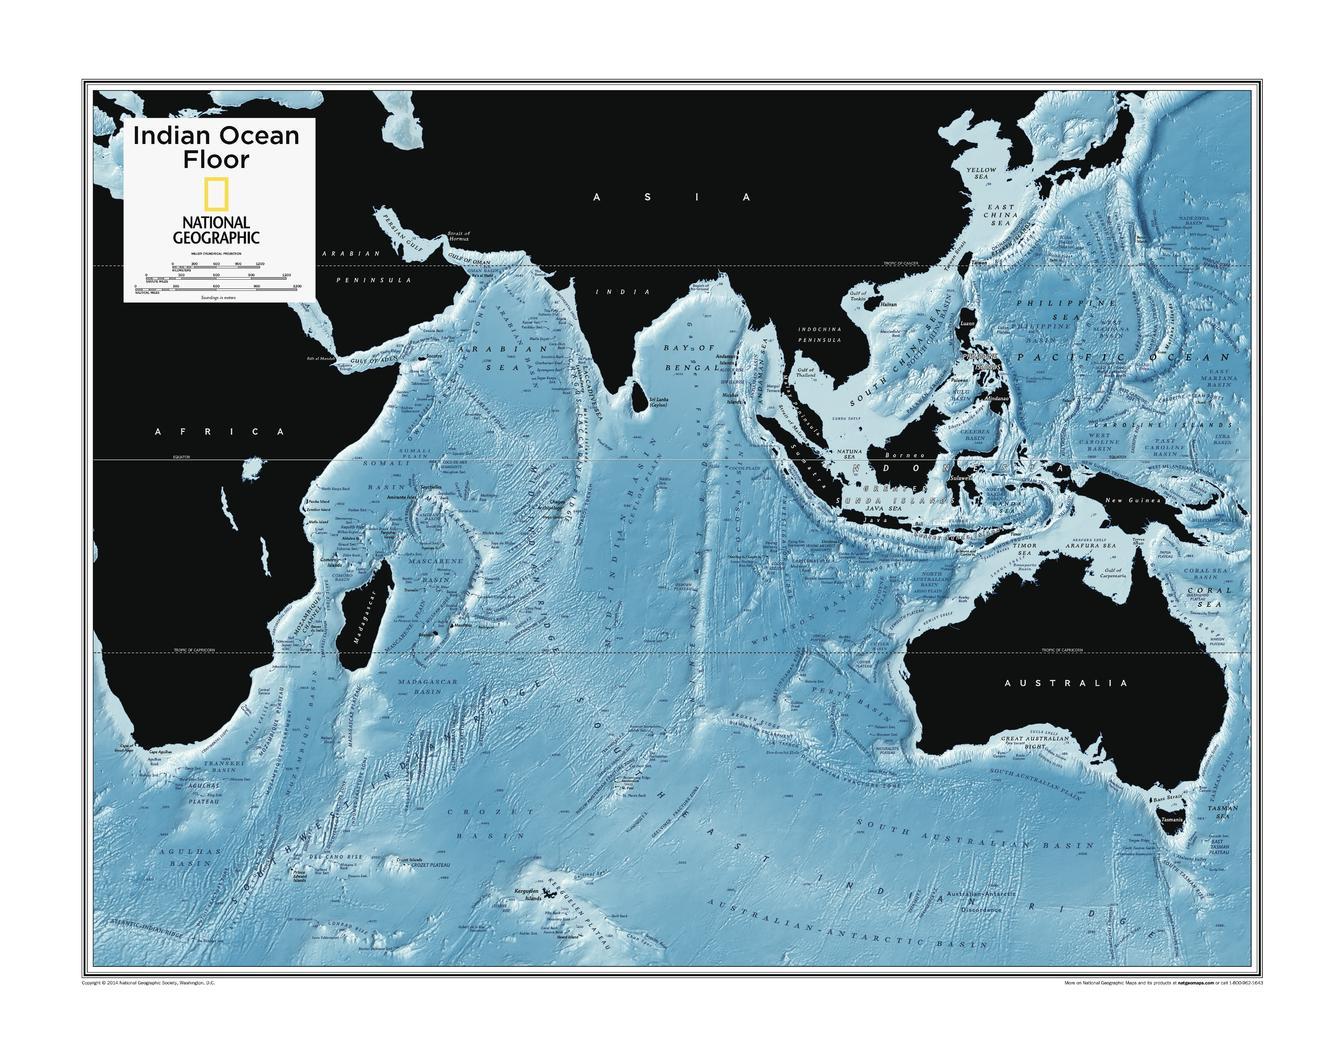 Indian Ocean Floor